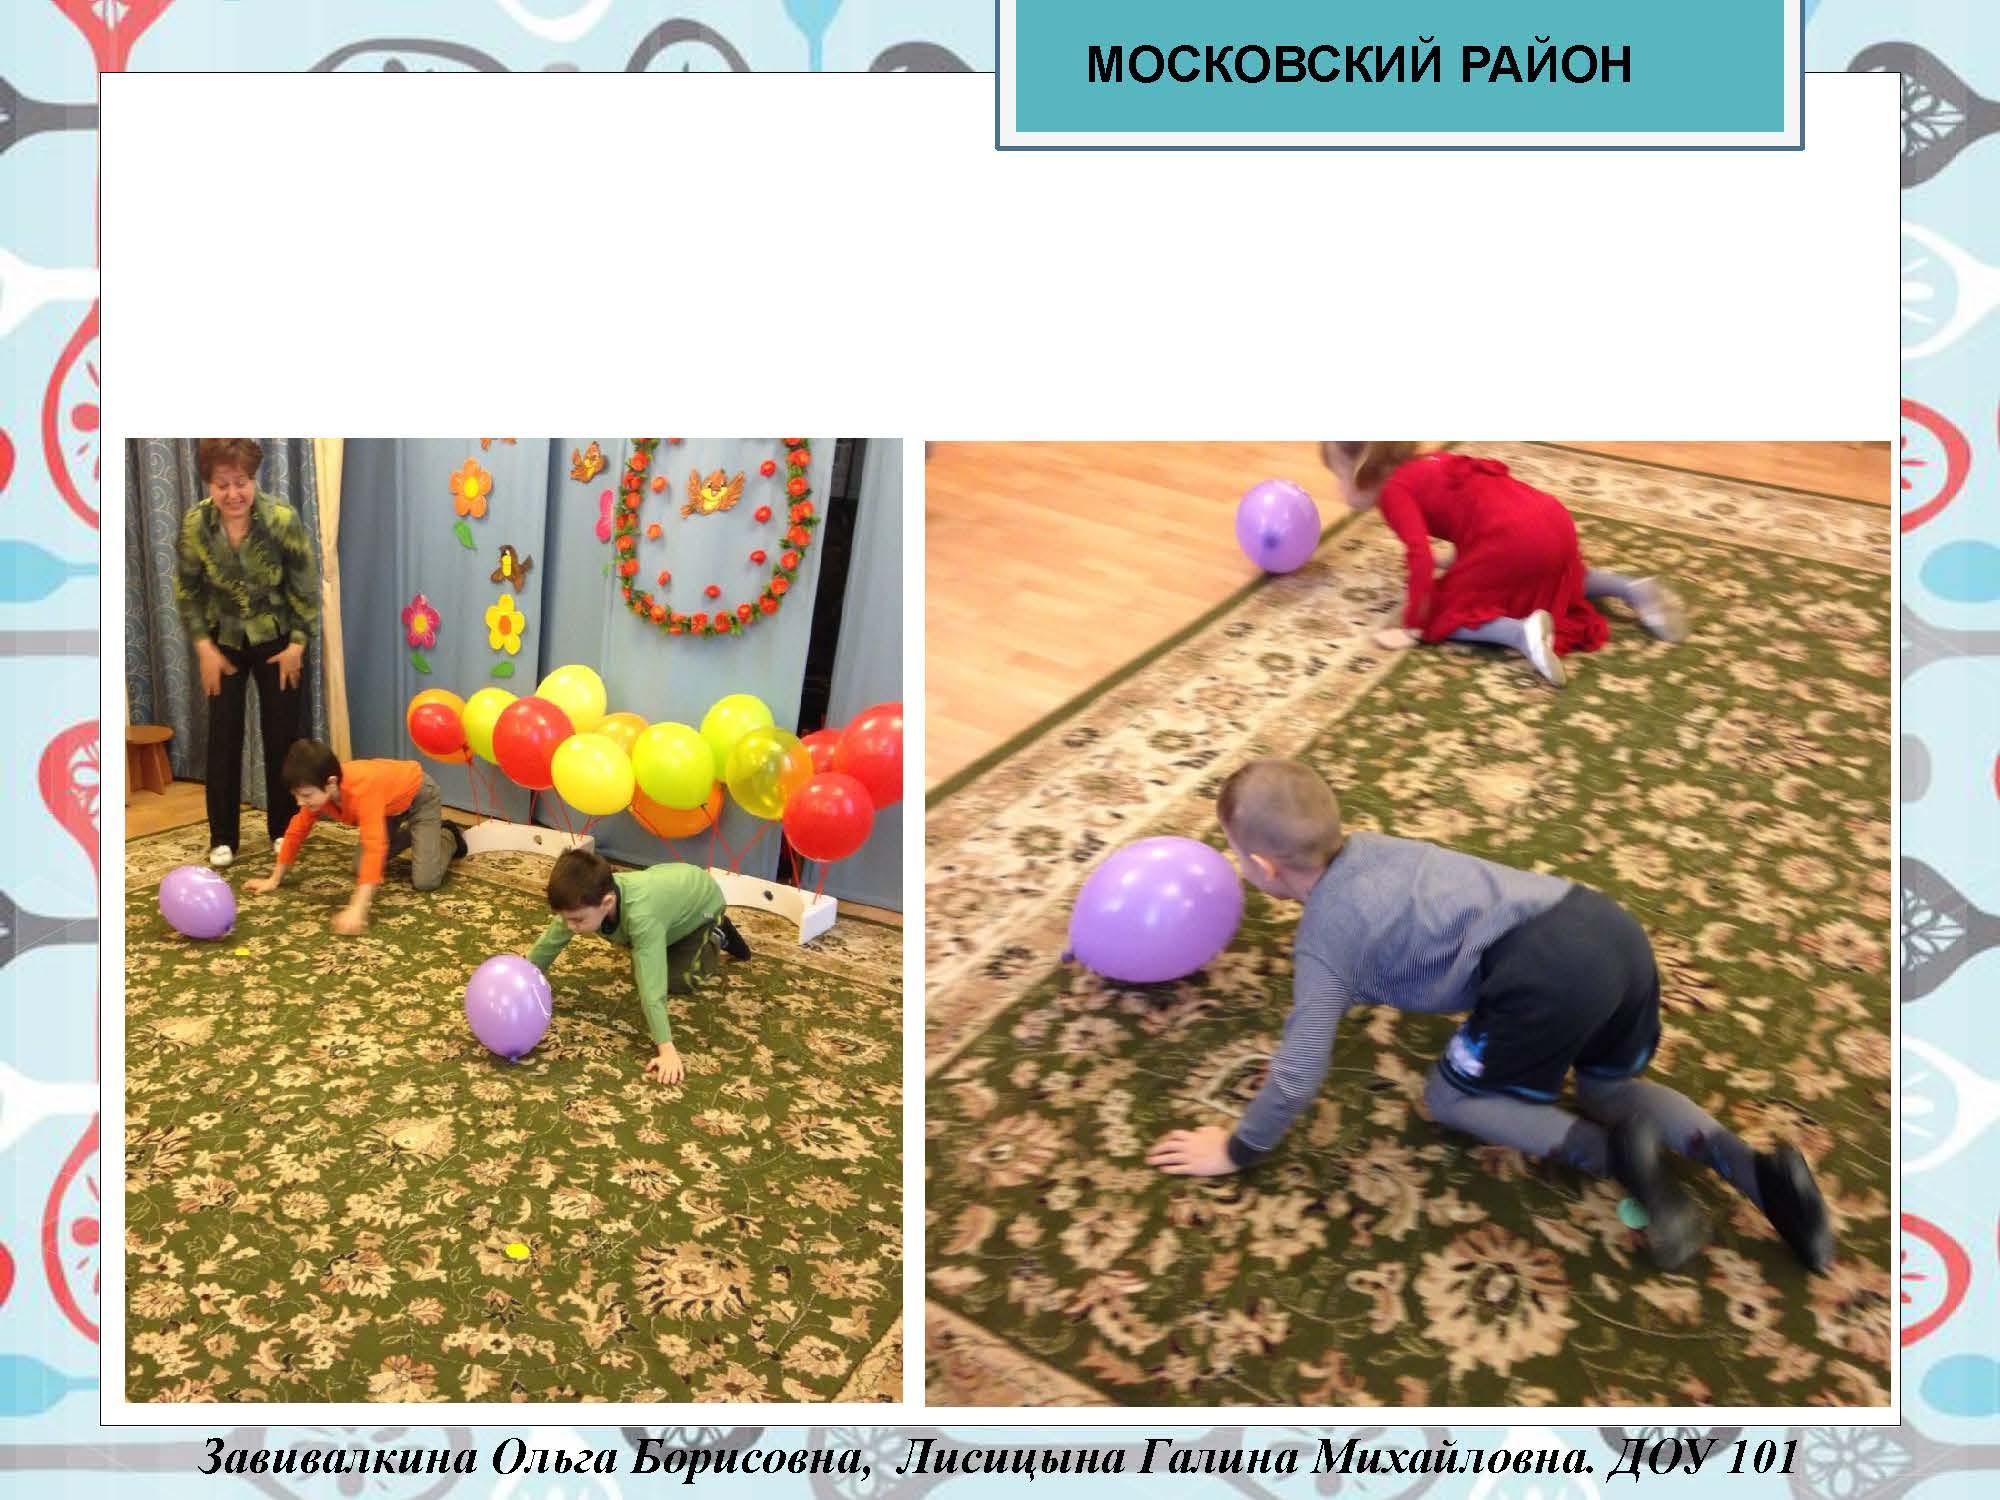 секция 8. ДОУ 101, эко. Московский район_Страница_33